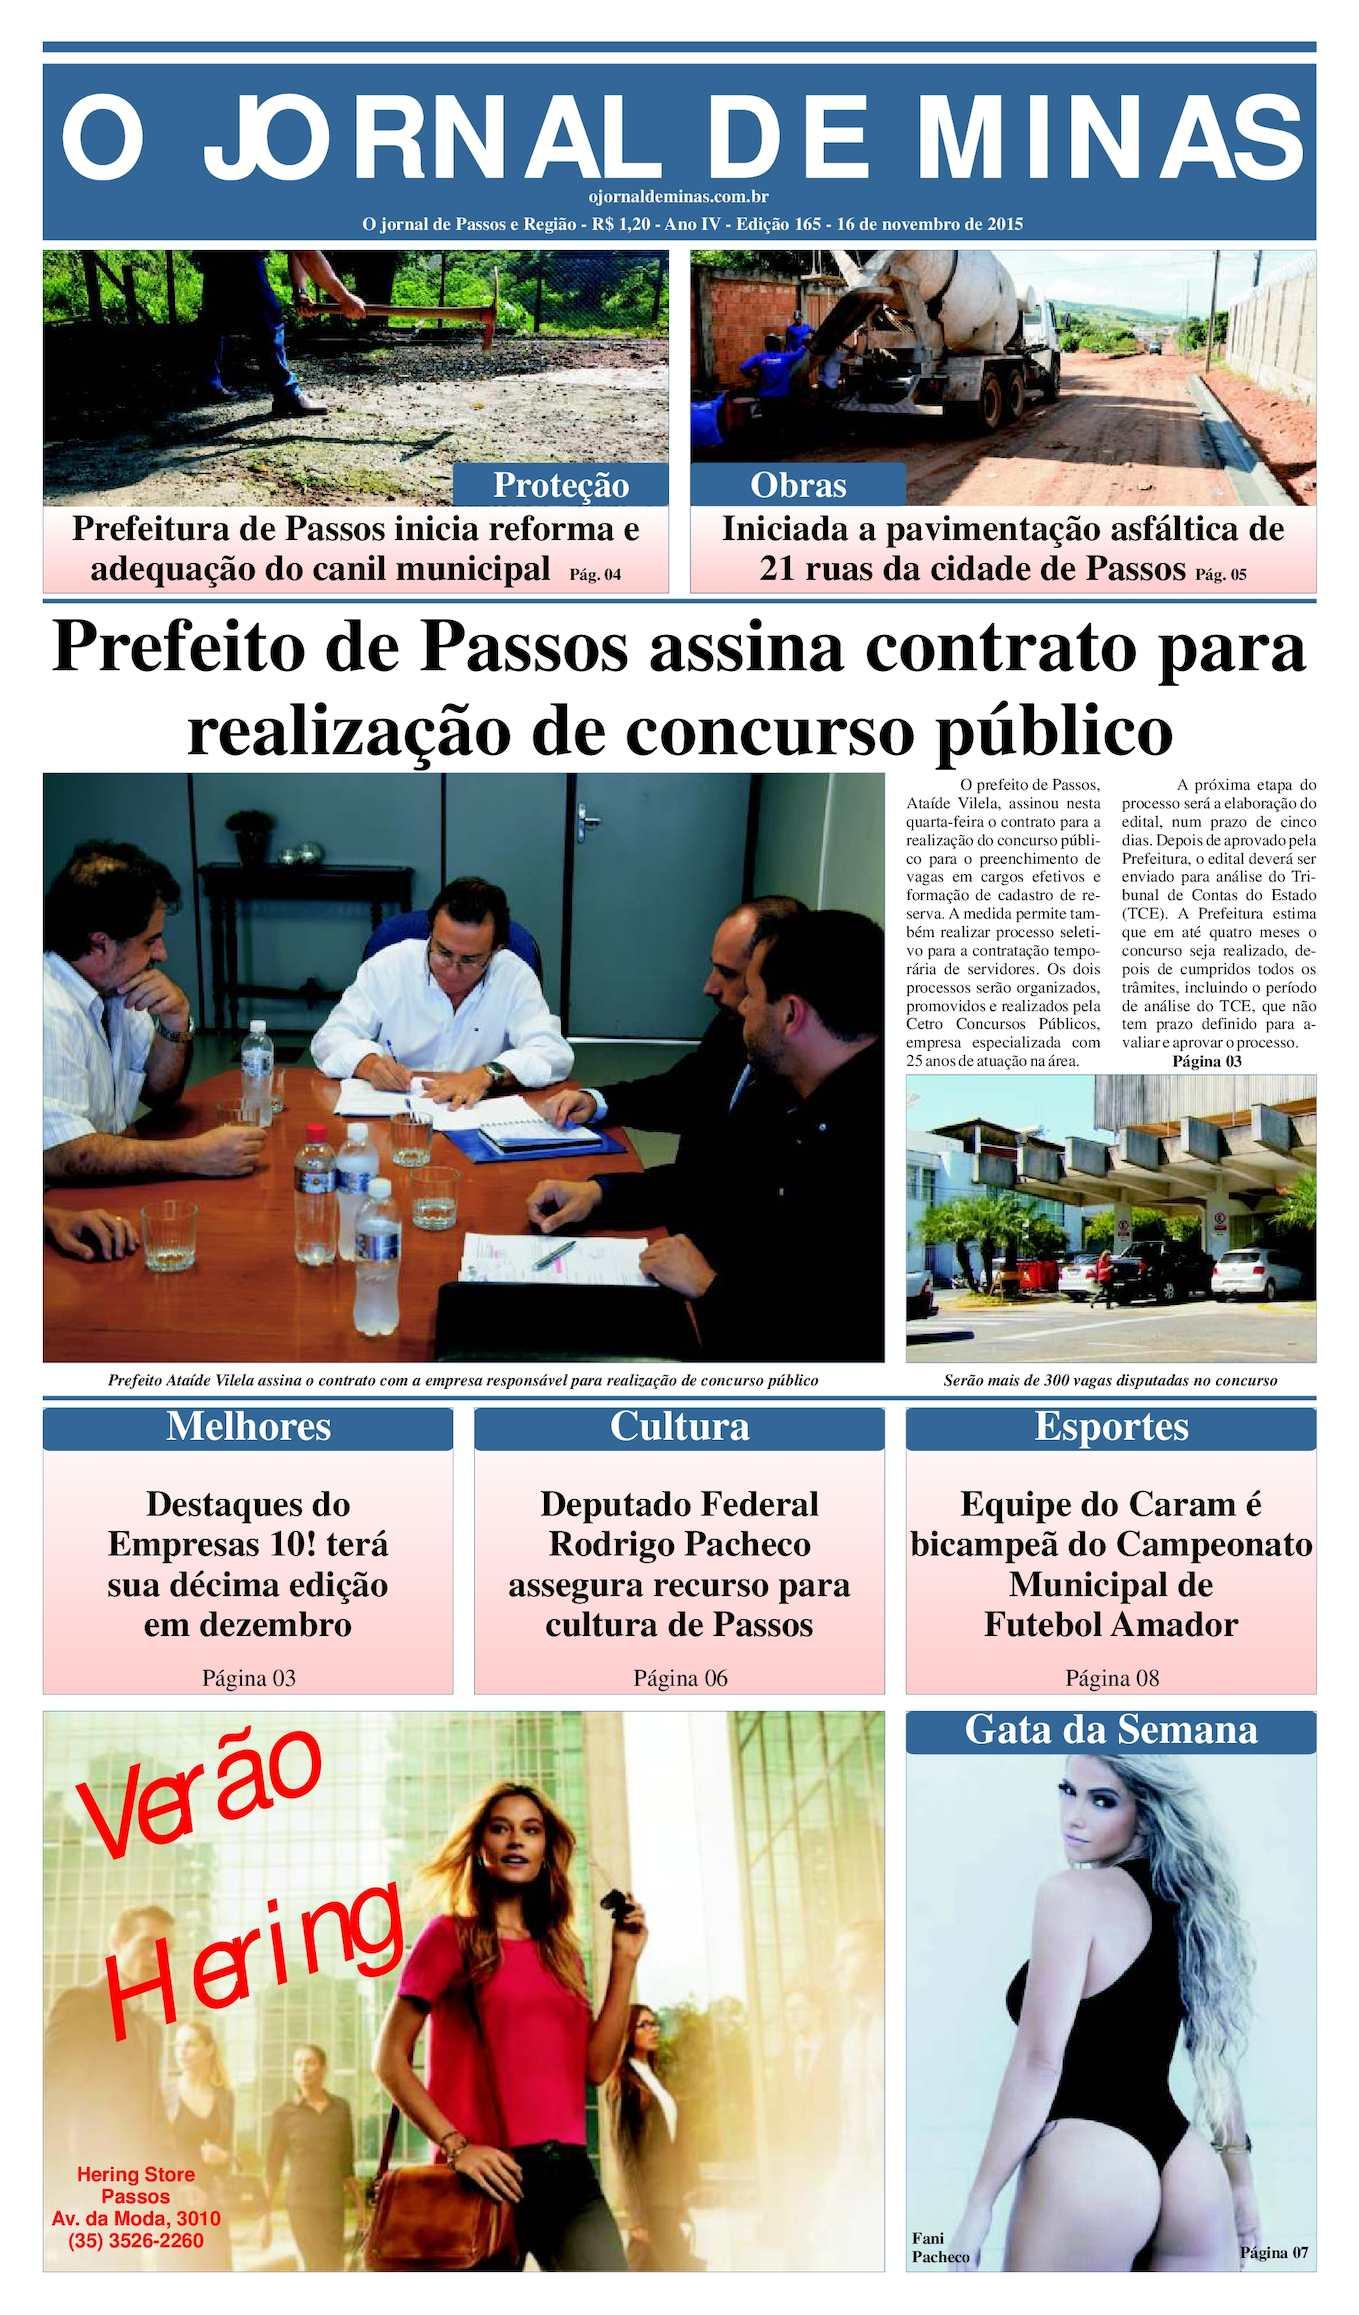 c046989dbb Calaméo - O Jornal De Minas Edição 165 De 16 De Novembro De 2015